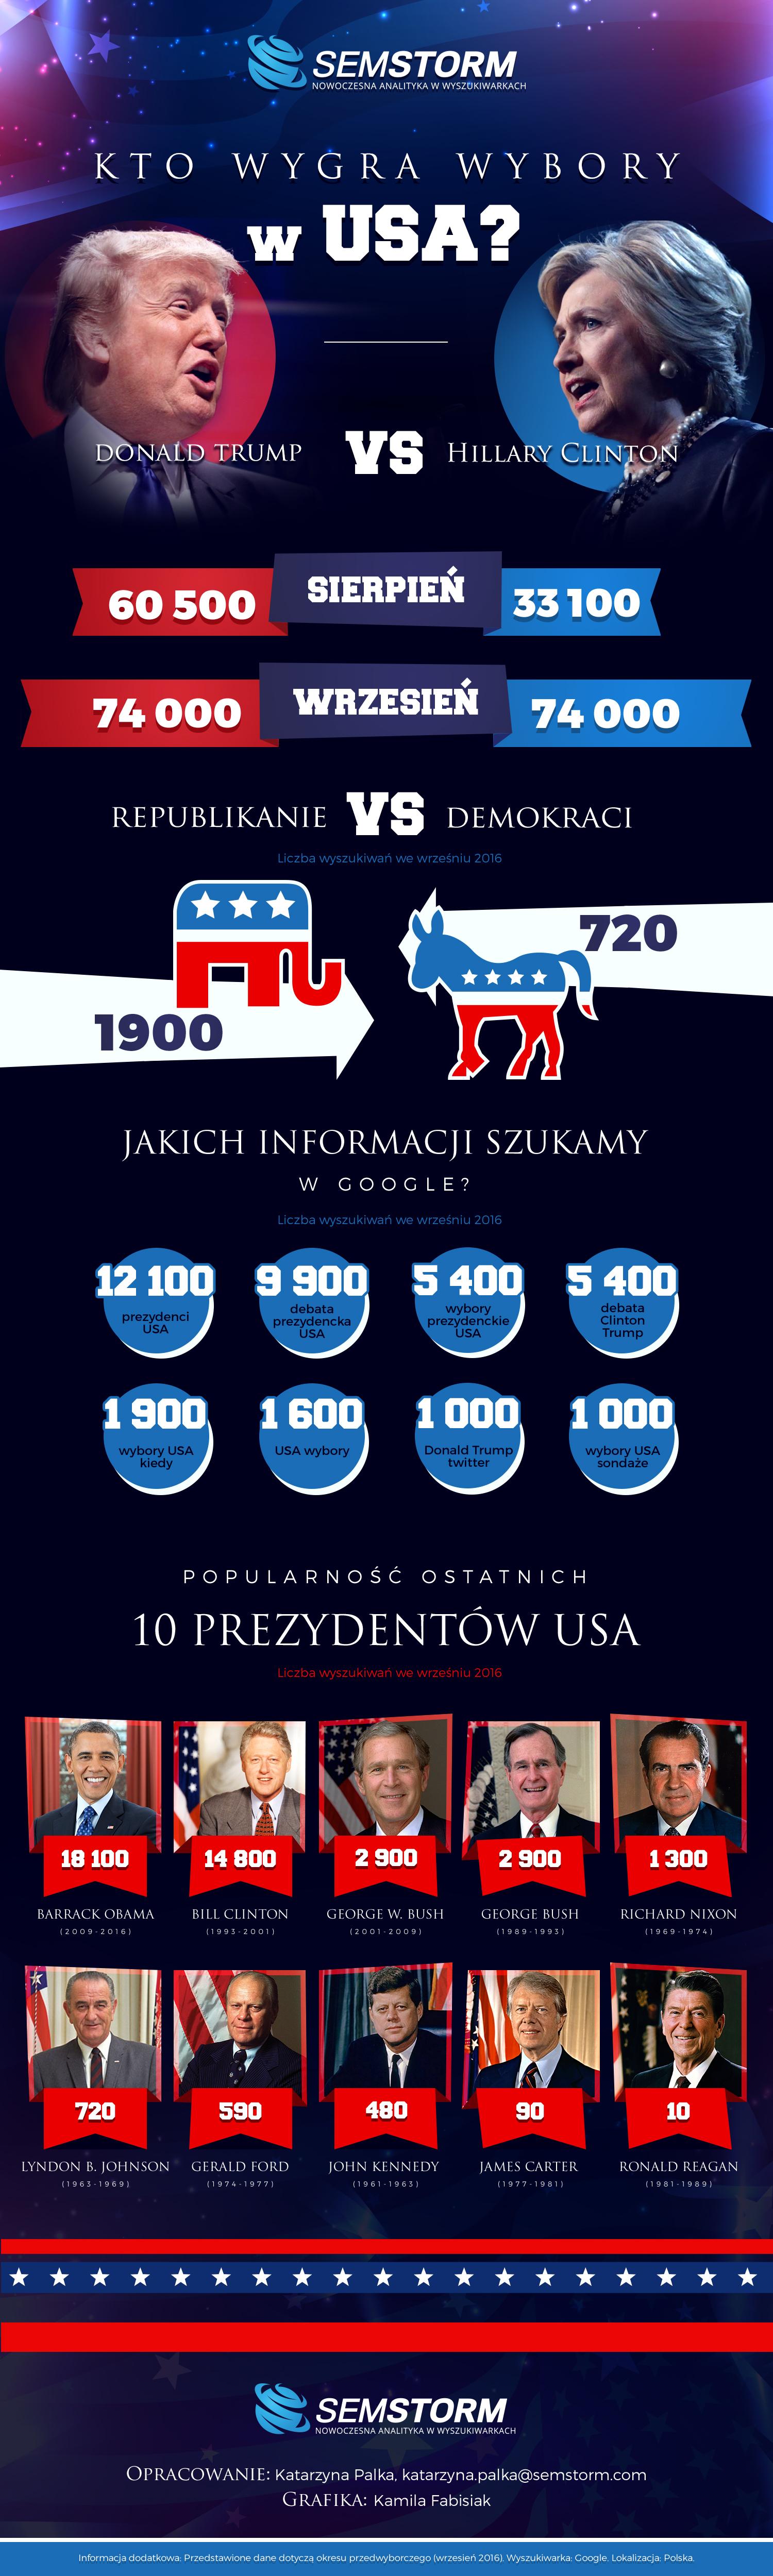 Infografika_Wybory_SEMSTORM